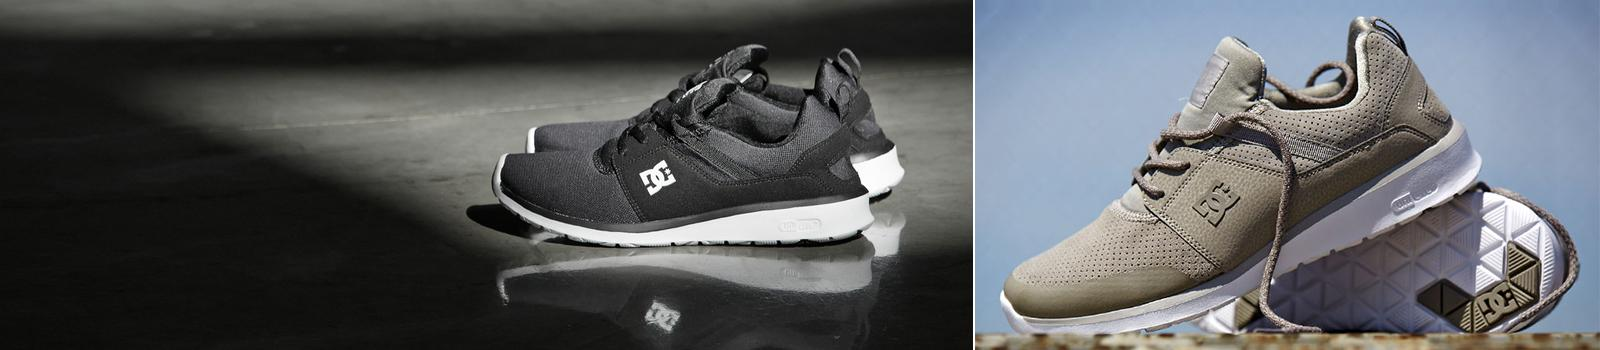 модные мужские кроссовки, мужские кроссовки, купить мужские кроссовки в интернет магазине